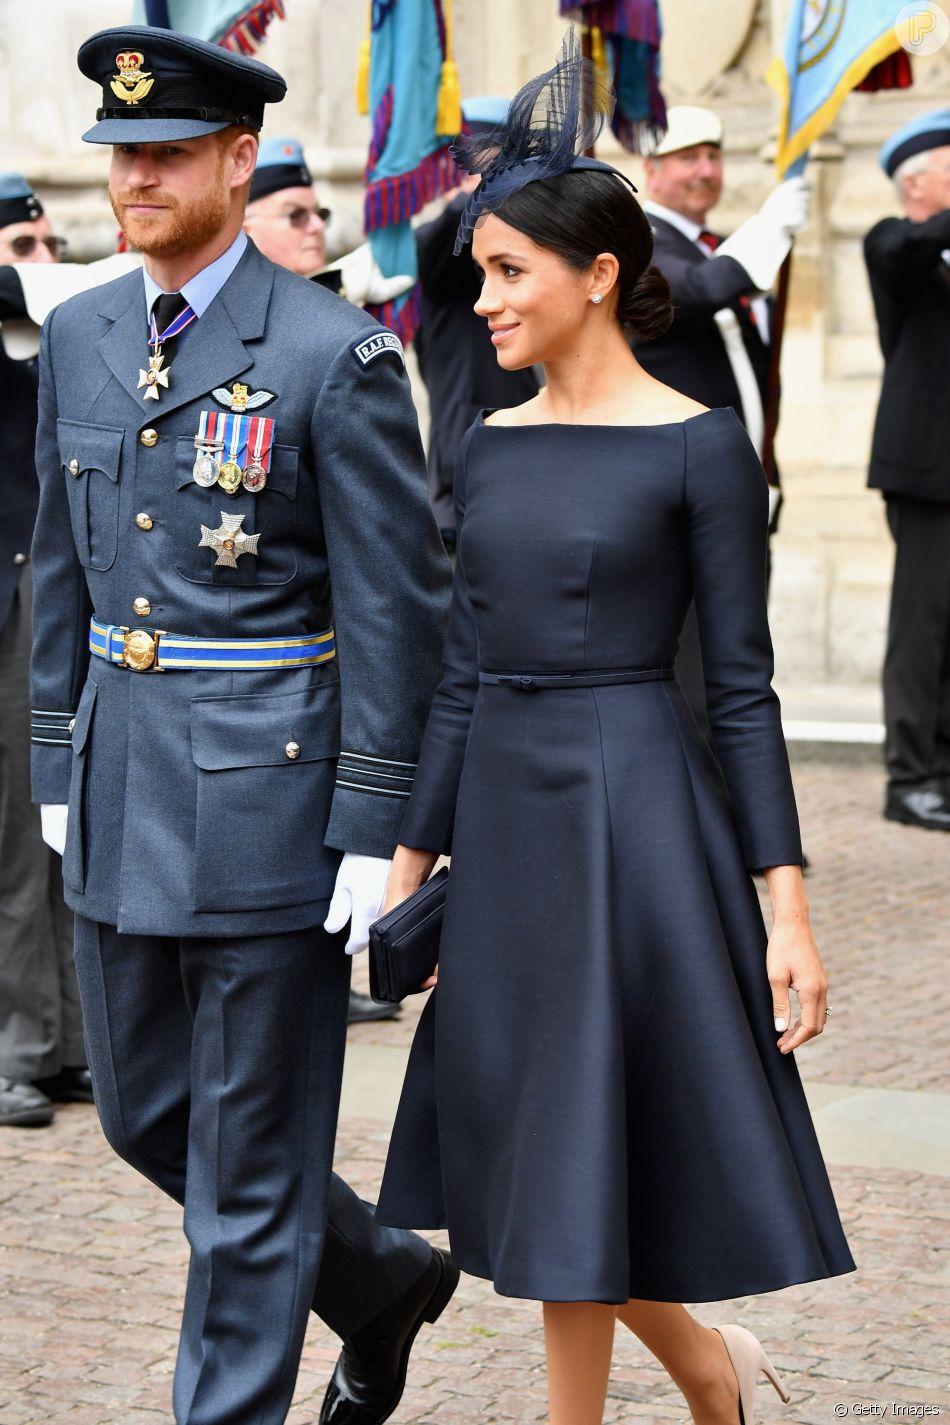 a2466abd8a Vestido Dior usado pela duquesa de Sussex em celebração da Força Aérea Real  não tem valor revelado